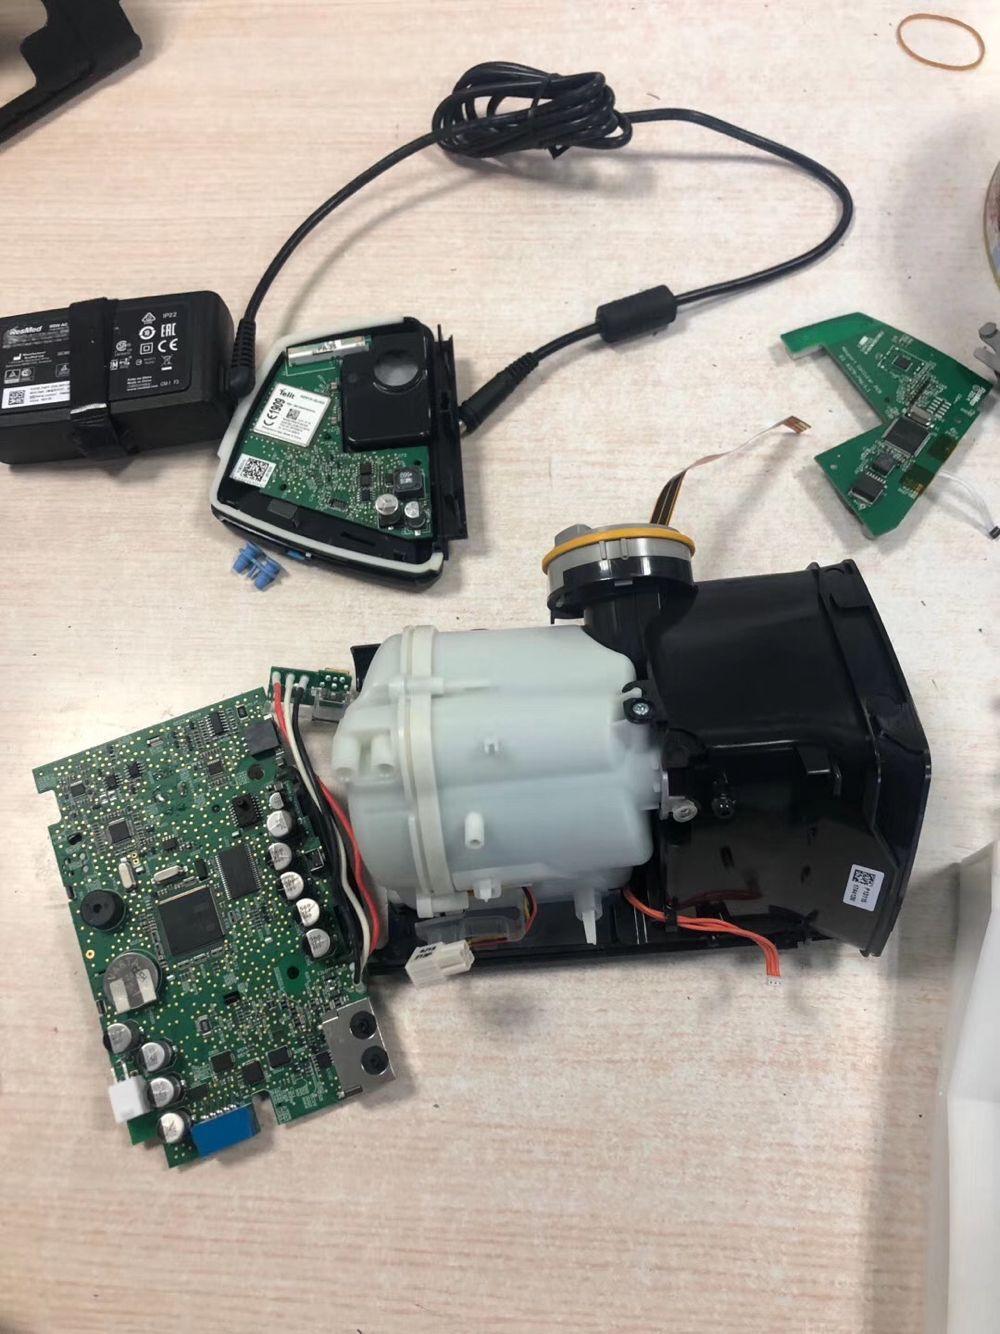 瑞思迈S10呼吸机主板故障维修与更换